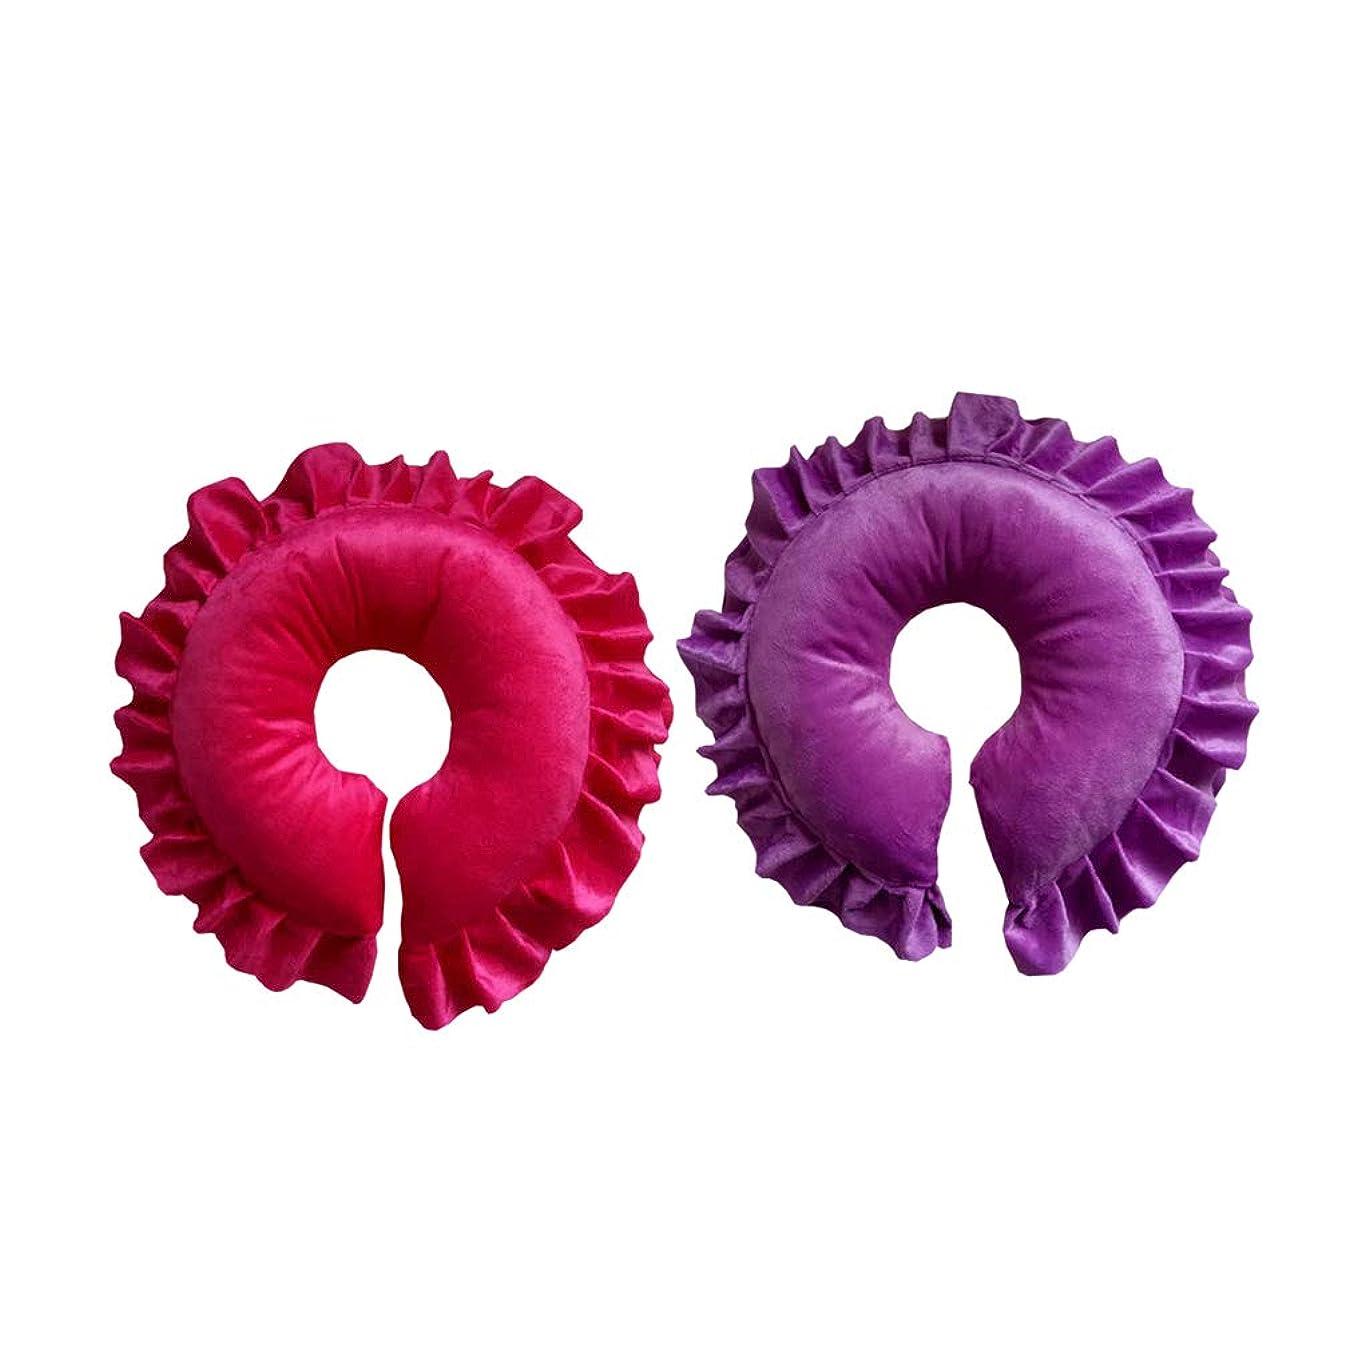 非武装化投票版chiwanji フェイスピロー マッサージ枕 クッション サロン スパ 快適 実用的 紫&赤 2個入り